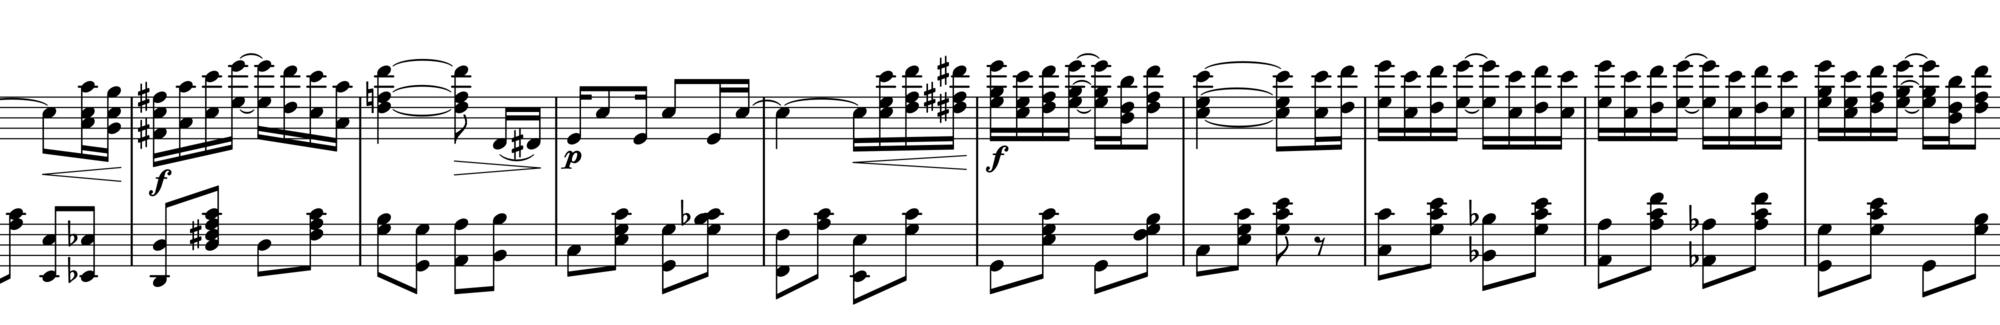 Part_1_150